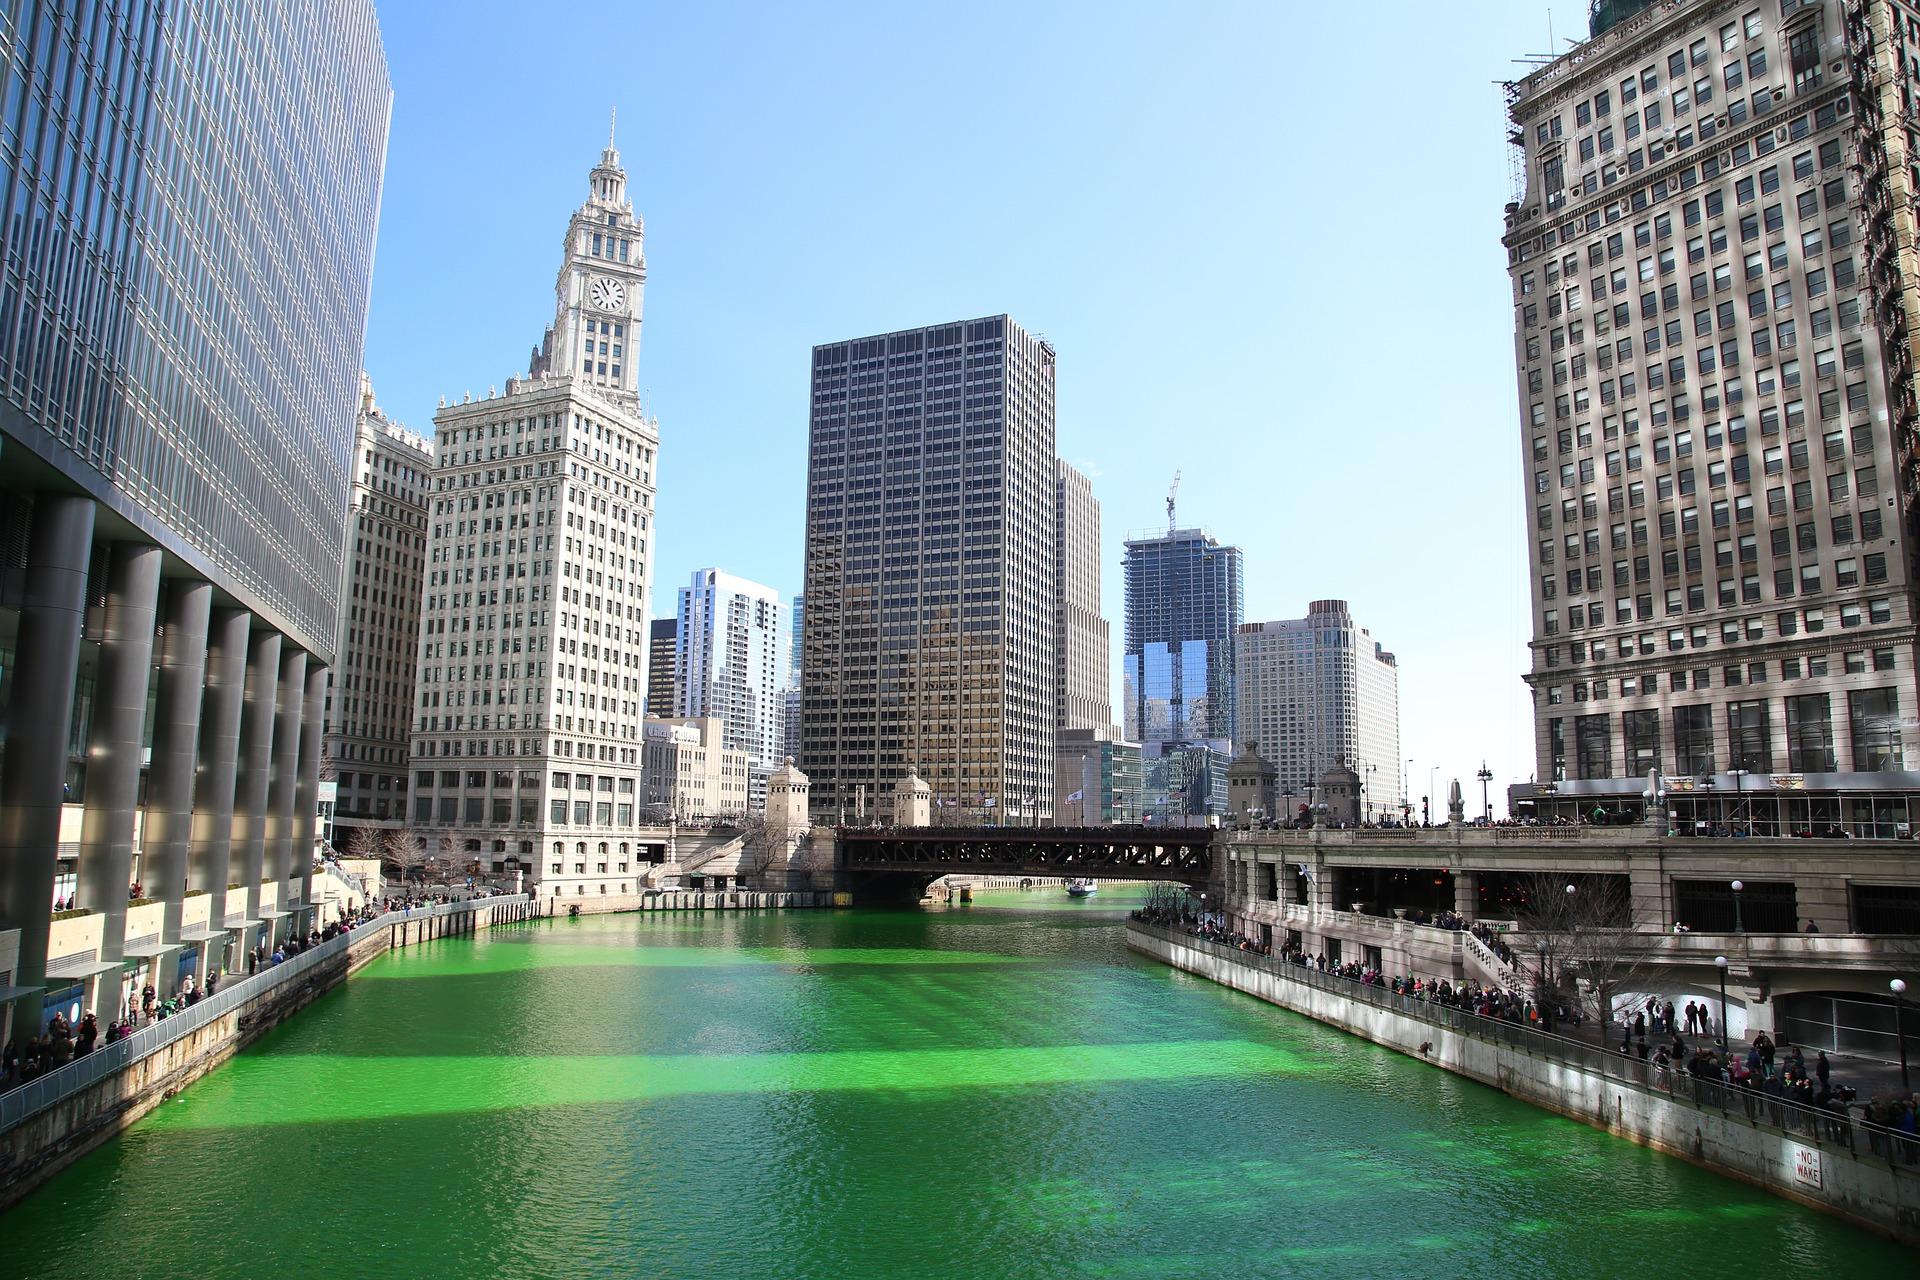 chicago-1411263_1920.jpg